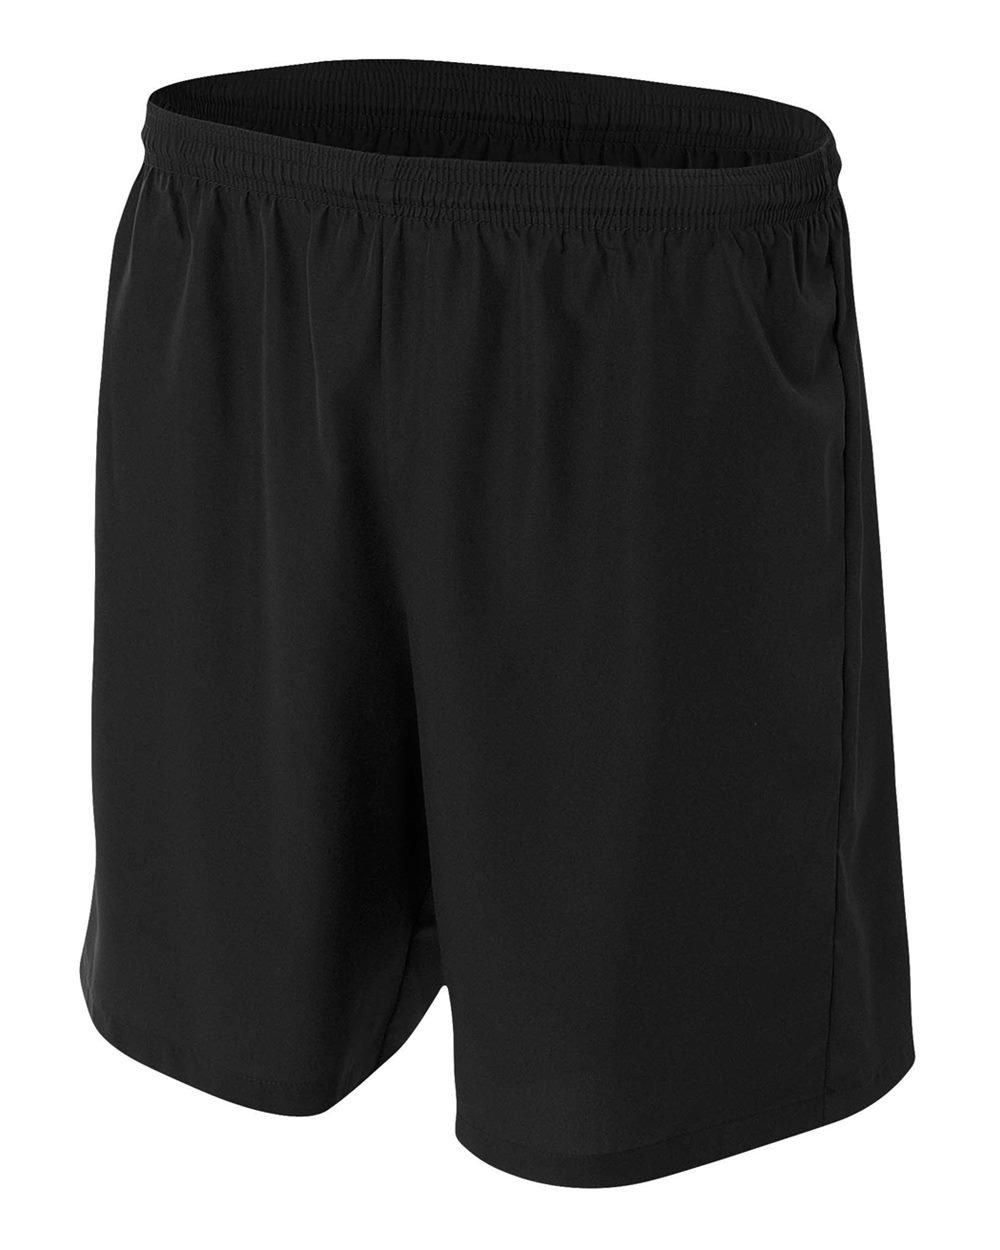 新しいWoven Soccer Shorts Moisture Wicking快適Odor & Stain Resistant ( 6色、子供&大人サイズ10 ) B00SVXQ75U Youth Large|ブラック ブラック Youth Large